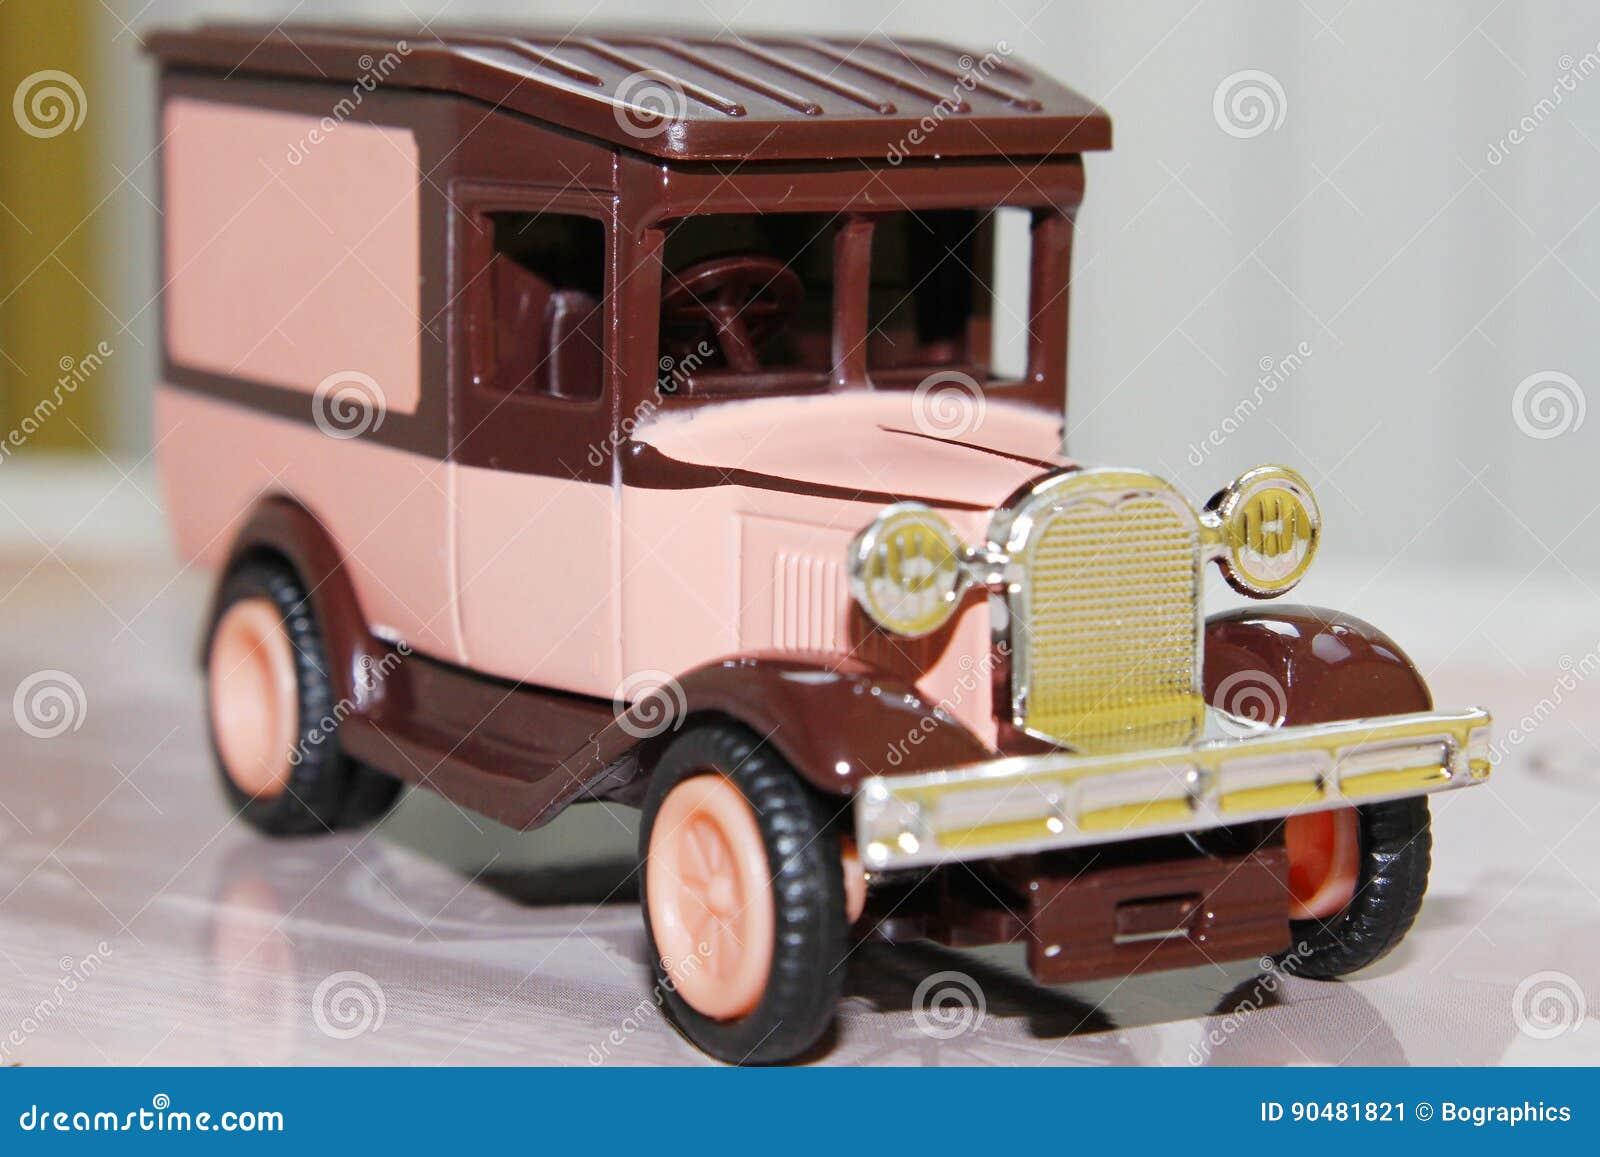 Funny pink vintage toy car